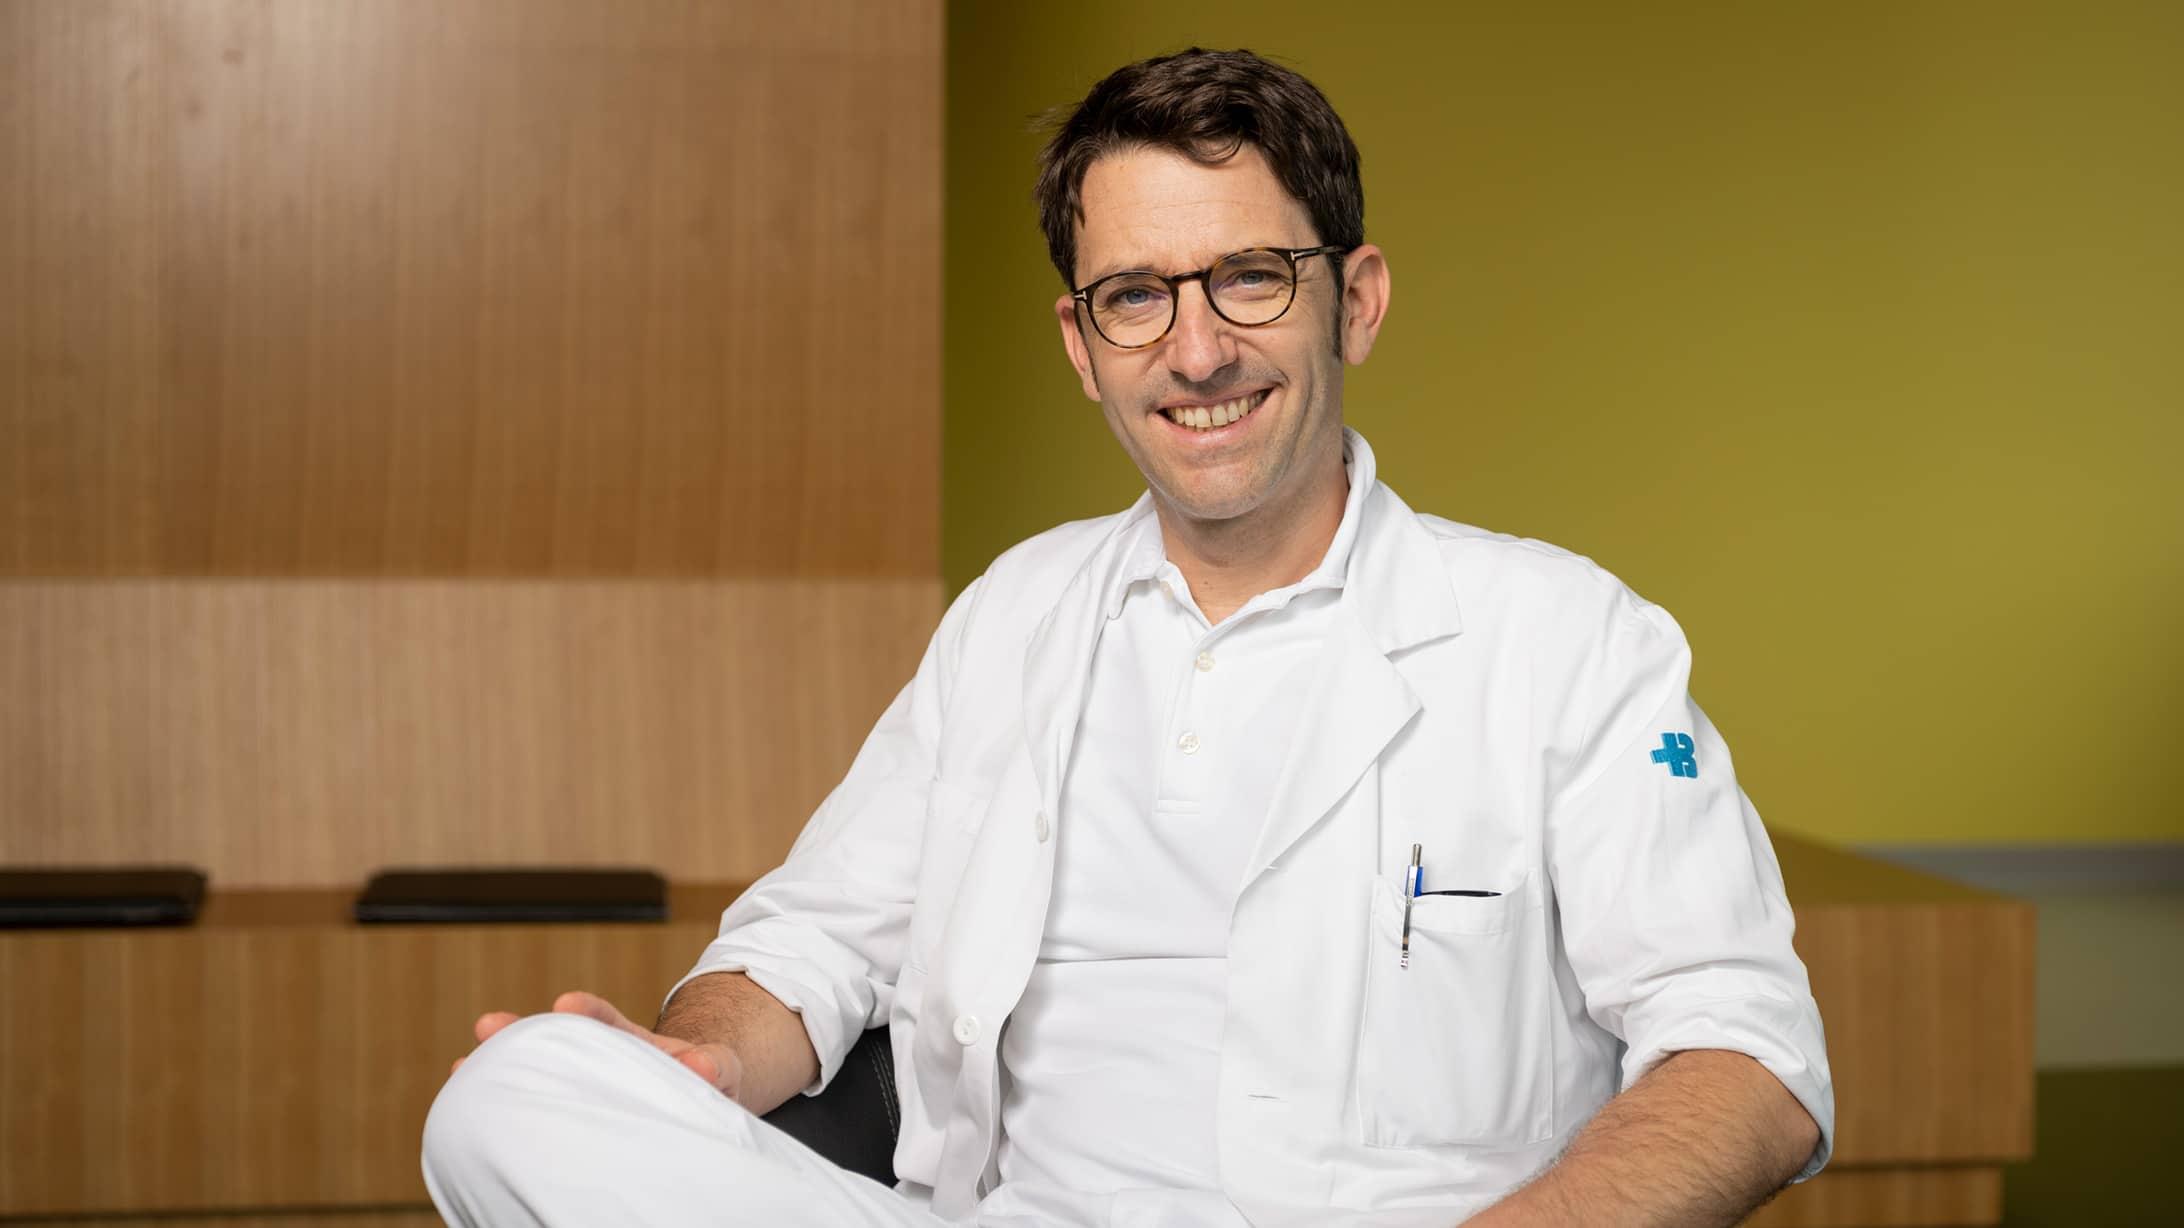 Stephan Engelberger, Leitender Arzt Klinik für Allgemein-, Viszeral- und Gefässchirurgie